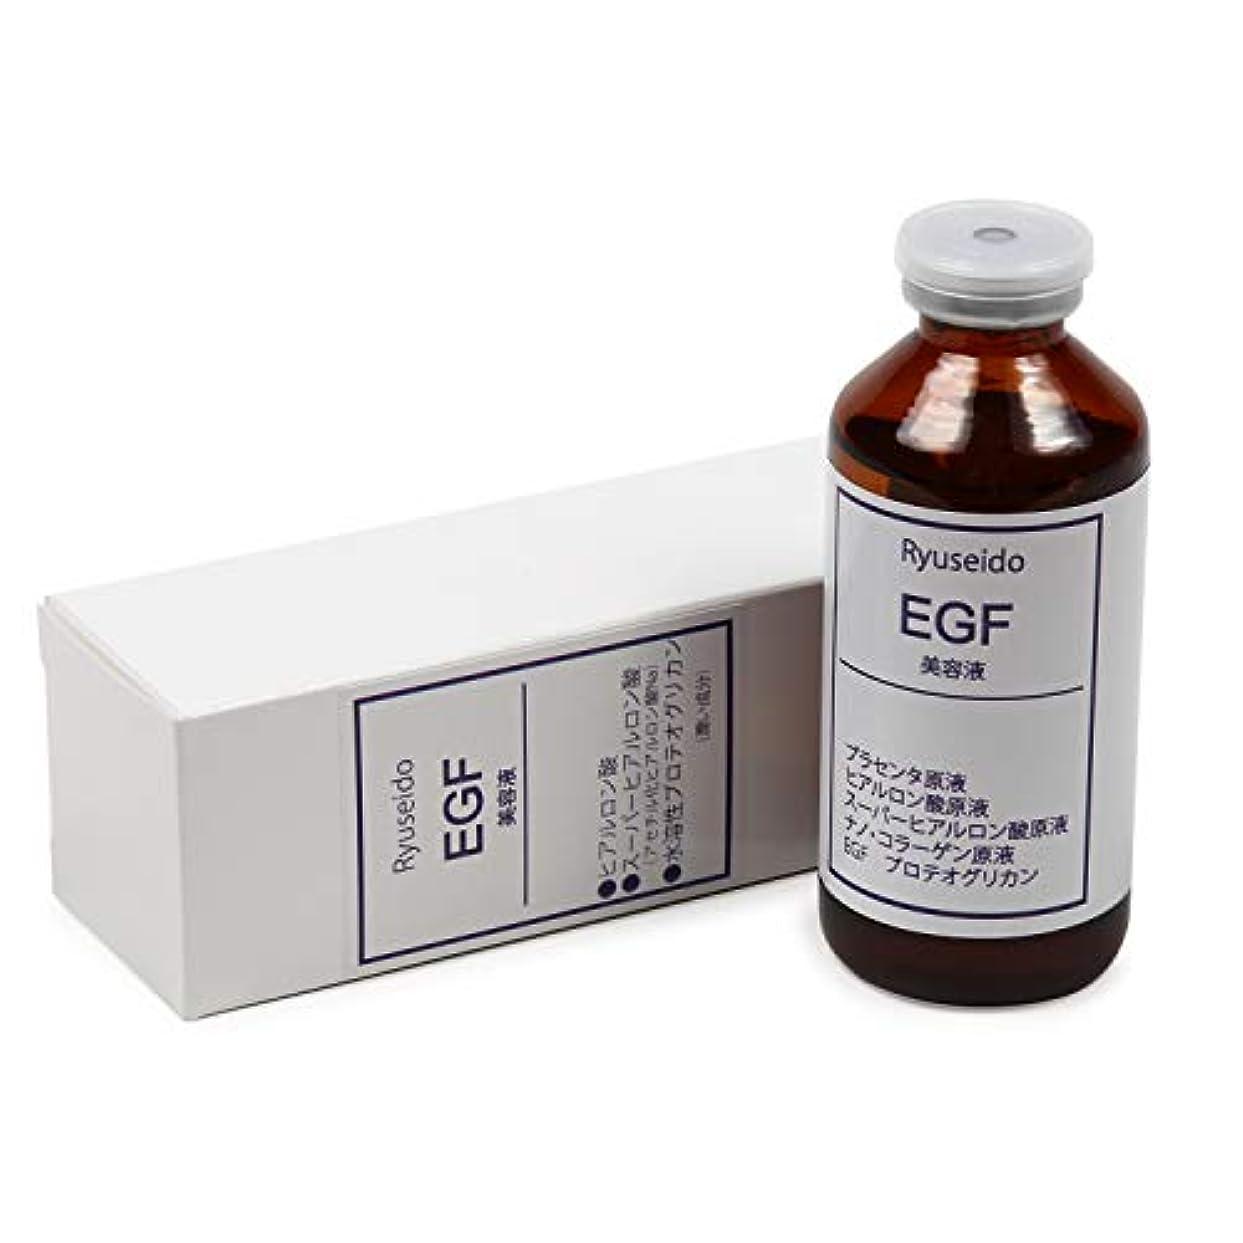 死の顎五月ドアミラー10倍濃度EGFをプラセンタ?ナノコラーゲン?ヒアルロン酸原液に配合。毛穴レスできめ細かなクリアな肌に??生コラーゲン配合でキメ密度がさらにアップ。